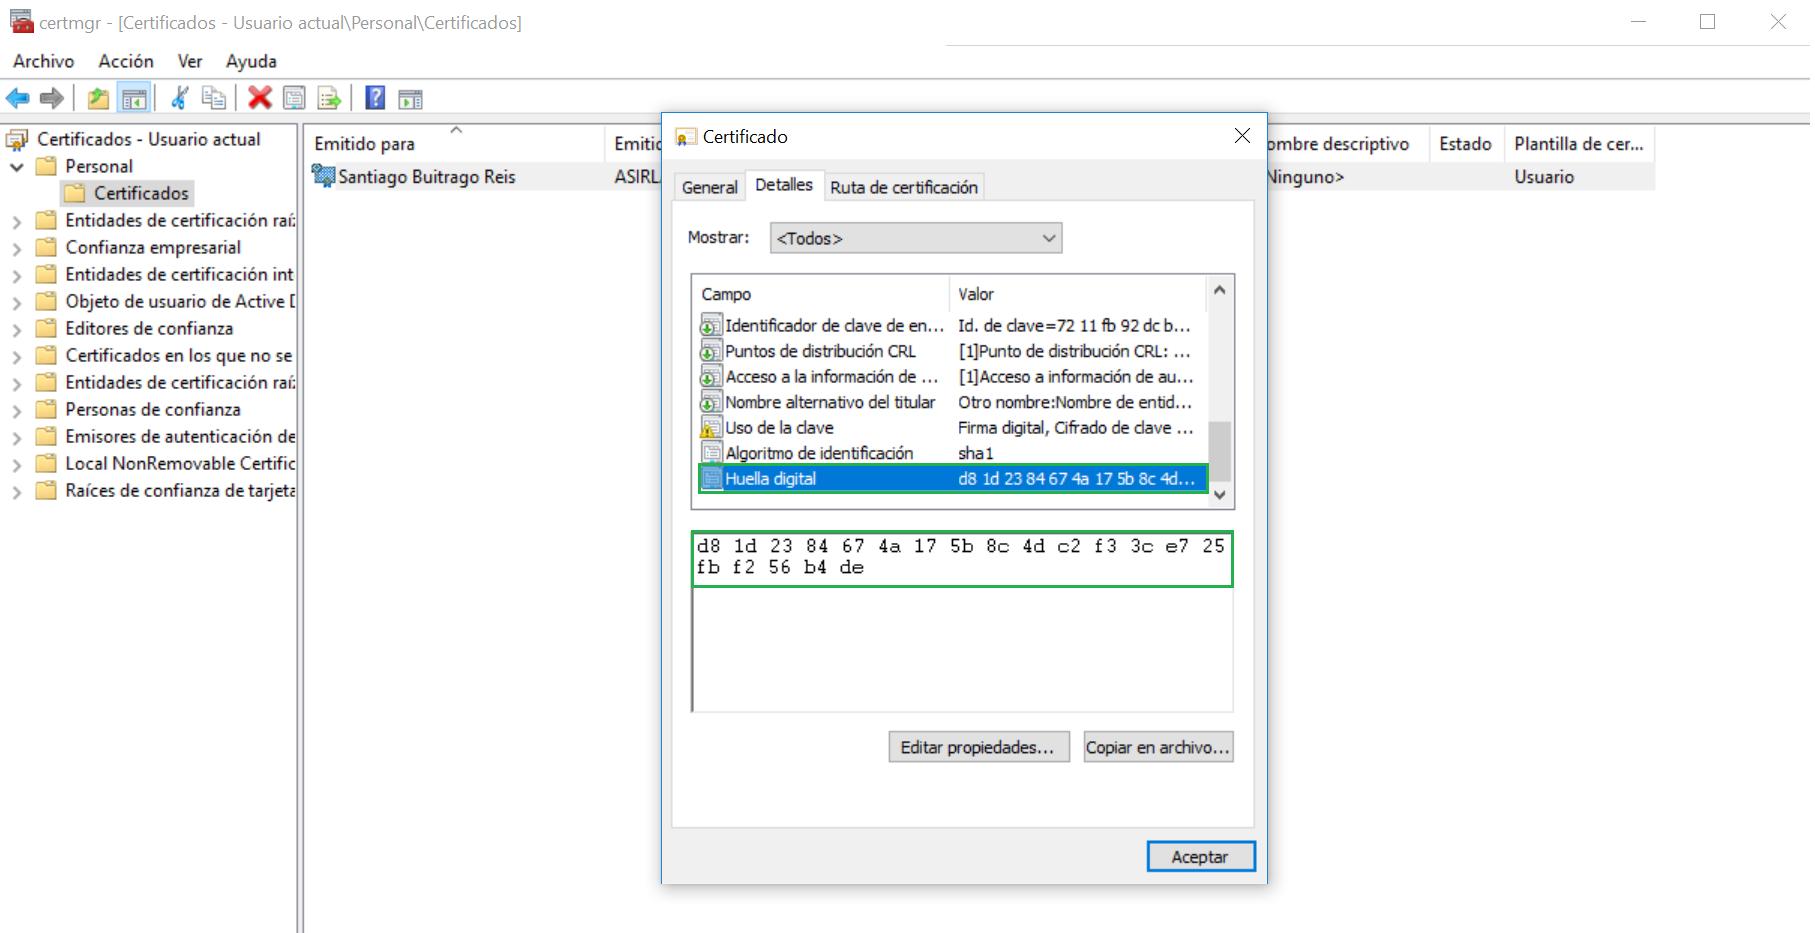 instalar_certificados_usuarios_via_gpo_11